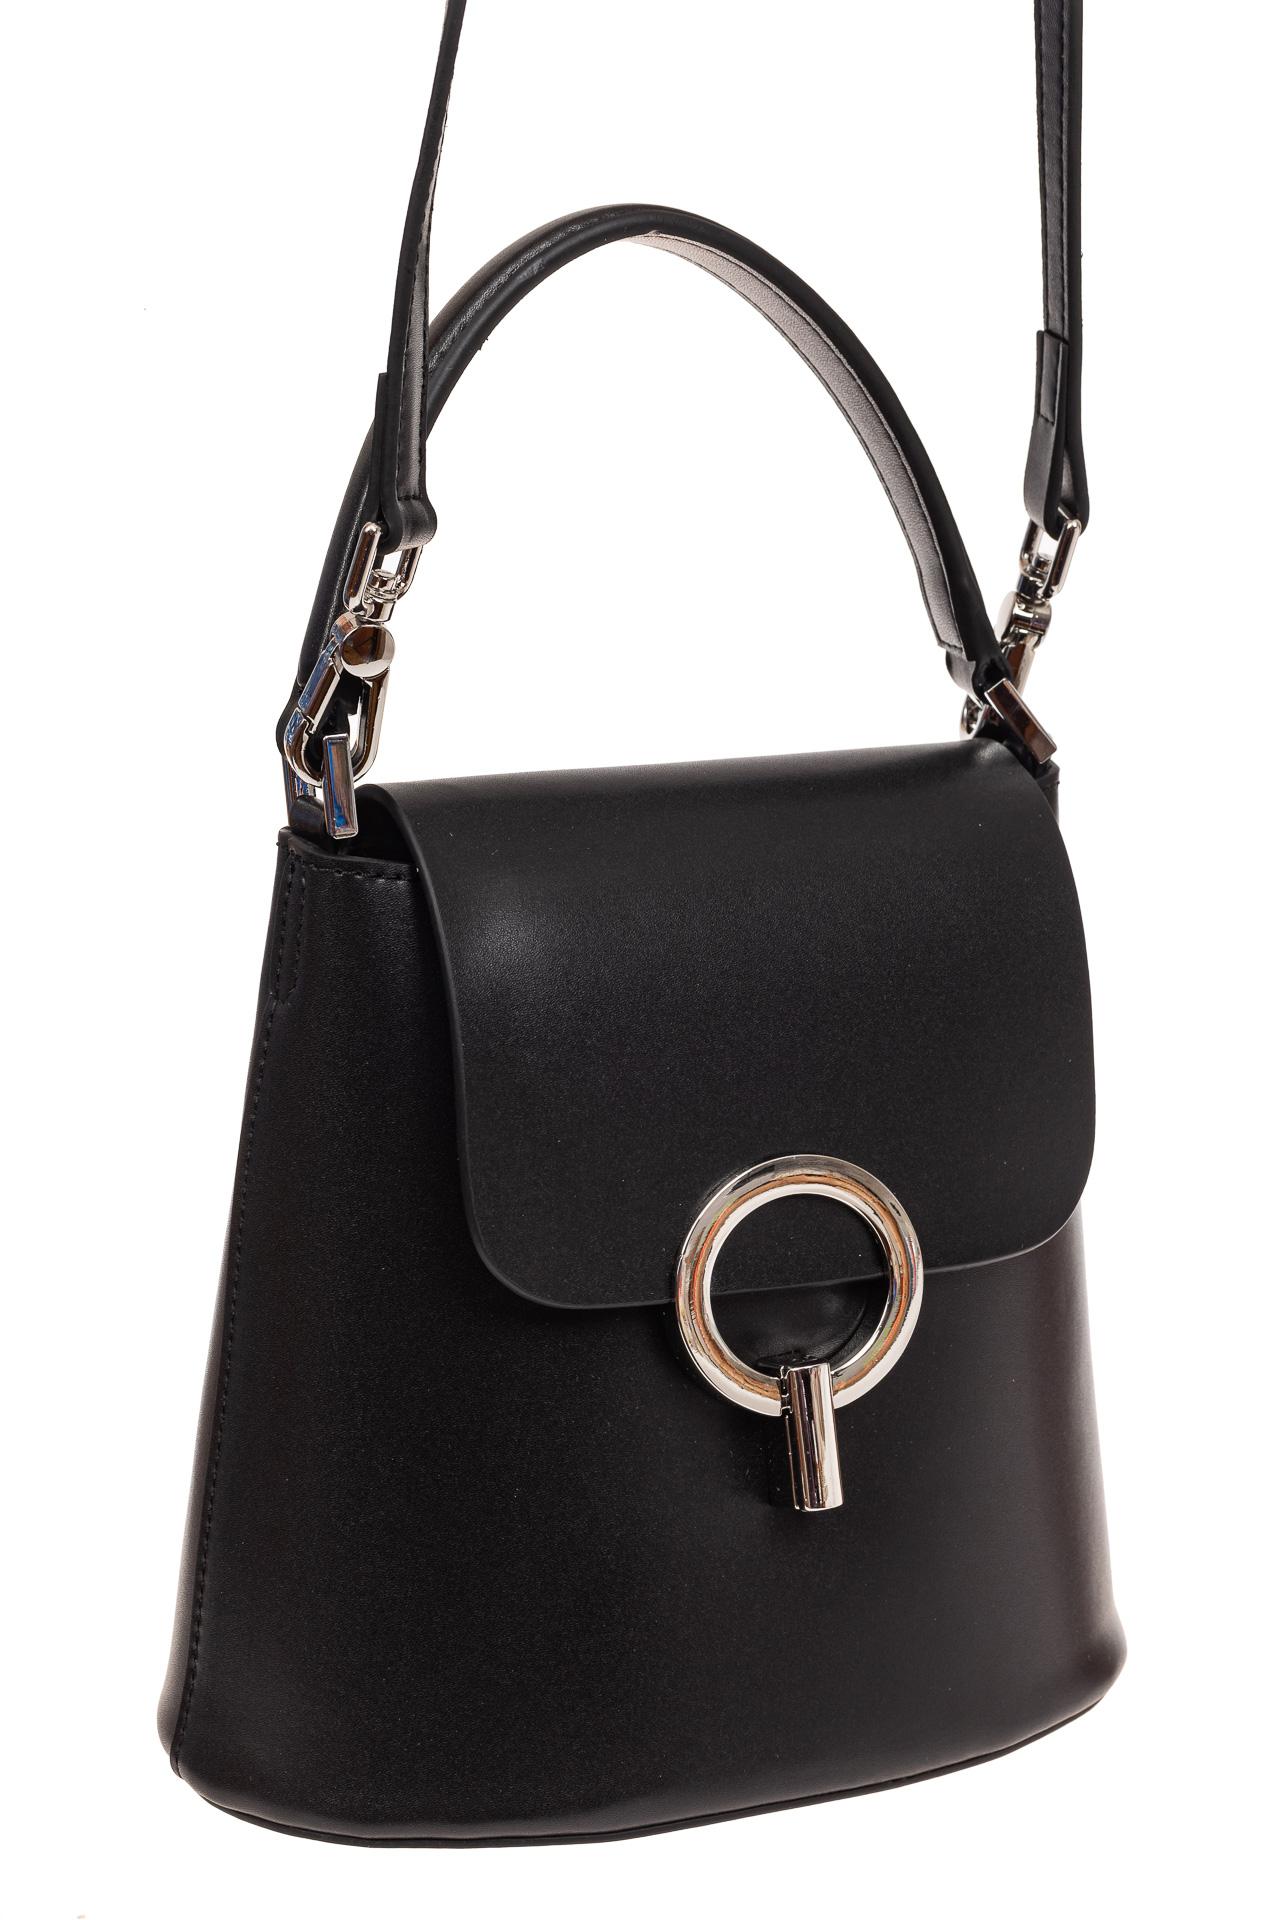 Сумка bucket-bag из натуральной кожи с пряжкой-кольцом, цвет черный